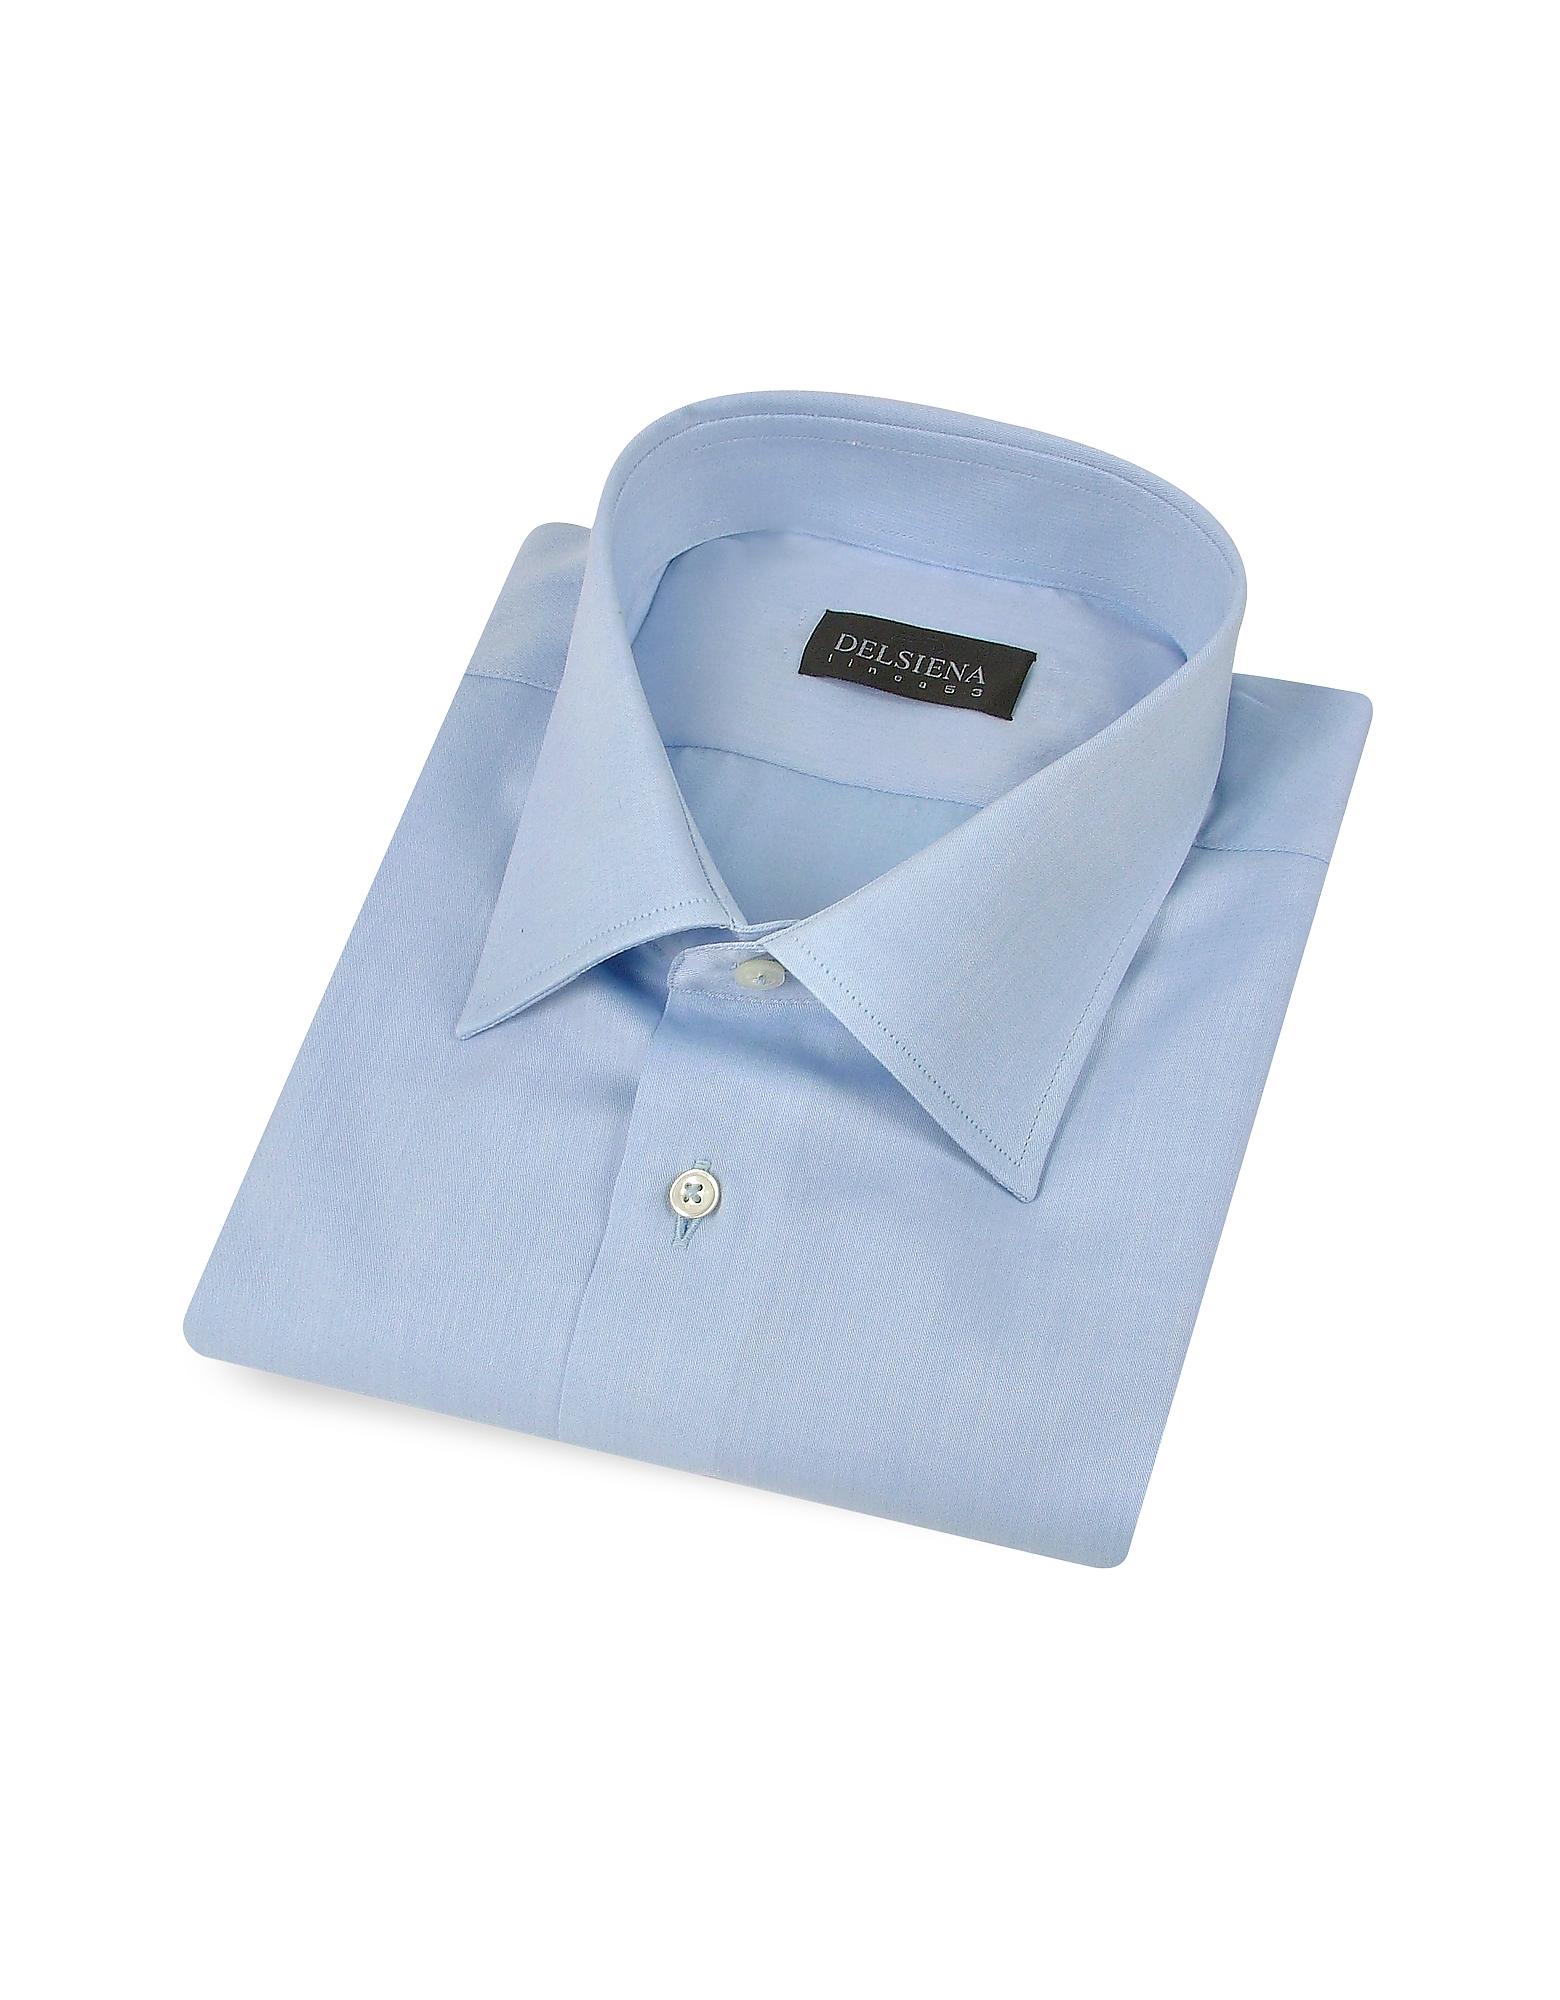 Итальянская Голубая Облегающая Сорочка из Твилового Хлопка, Изготовленная Вручную